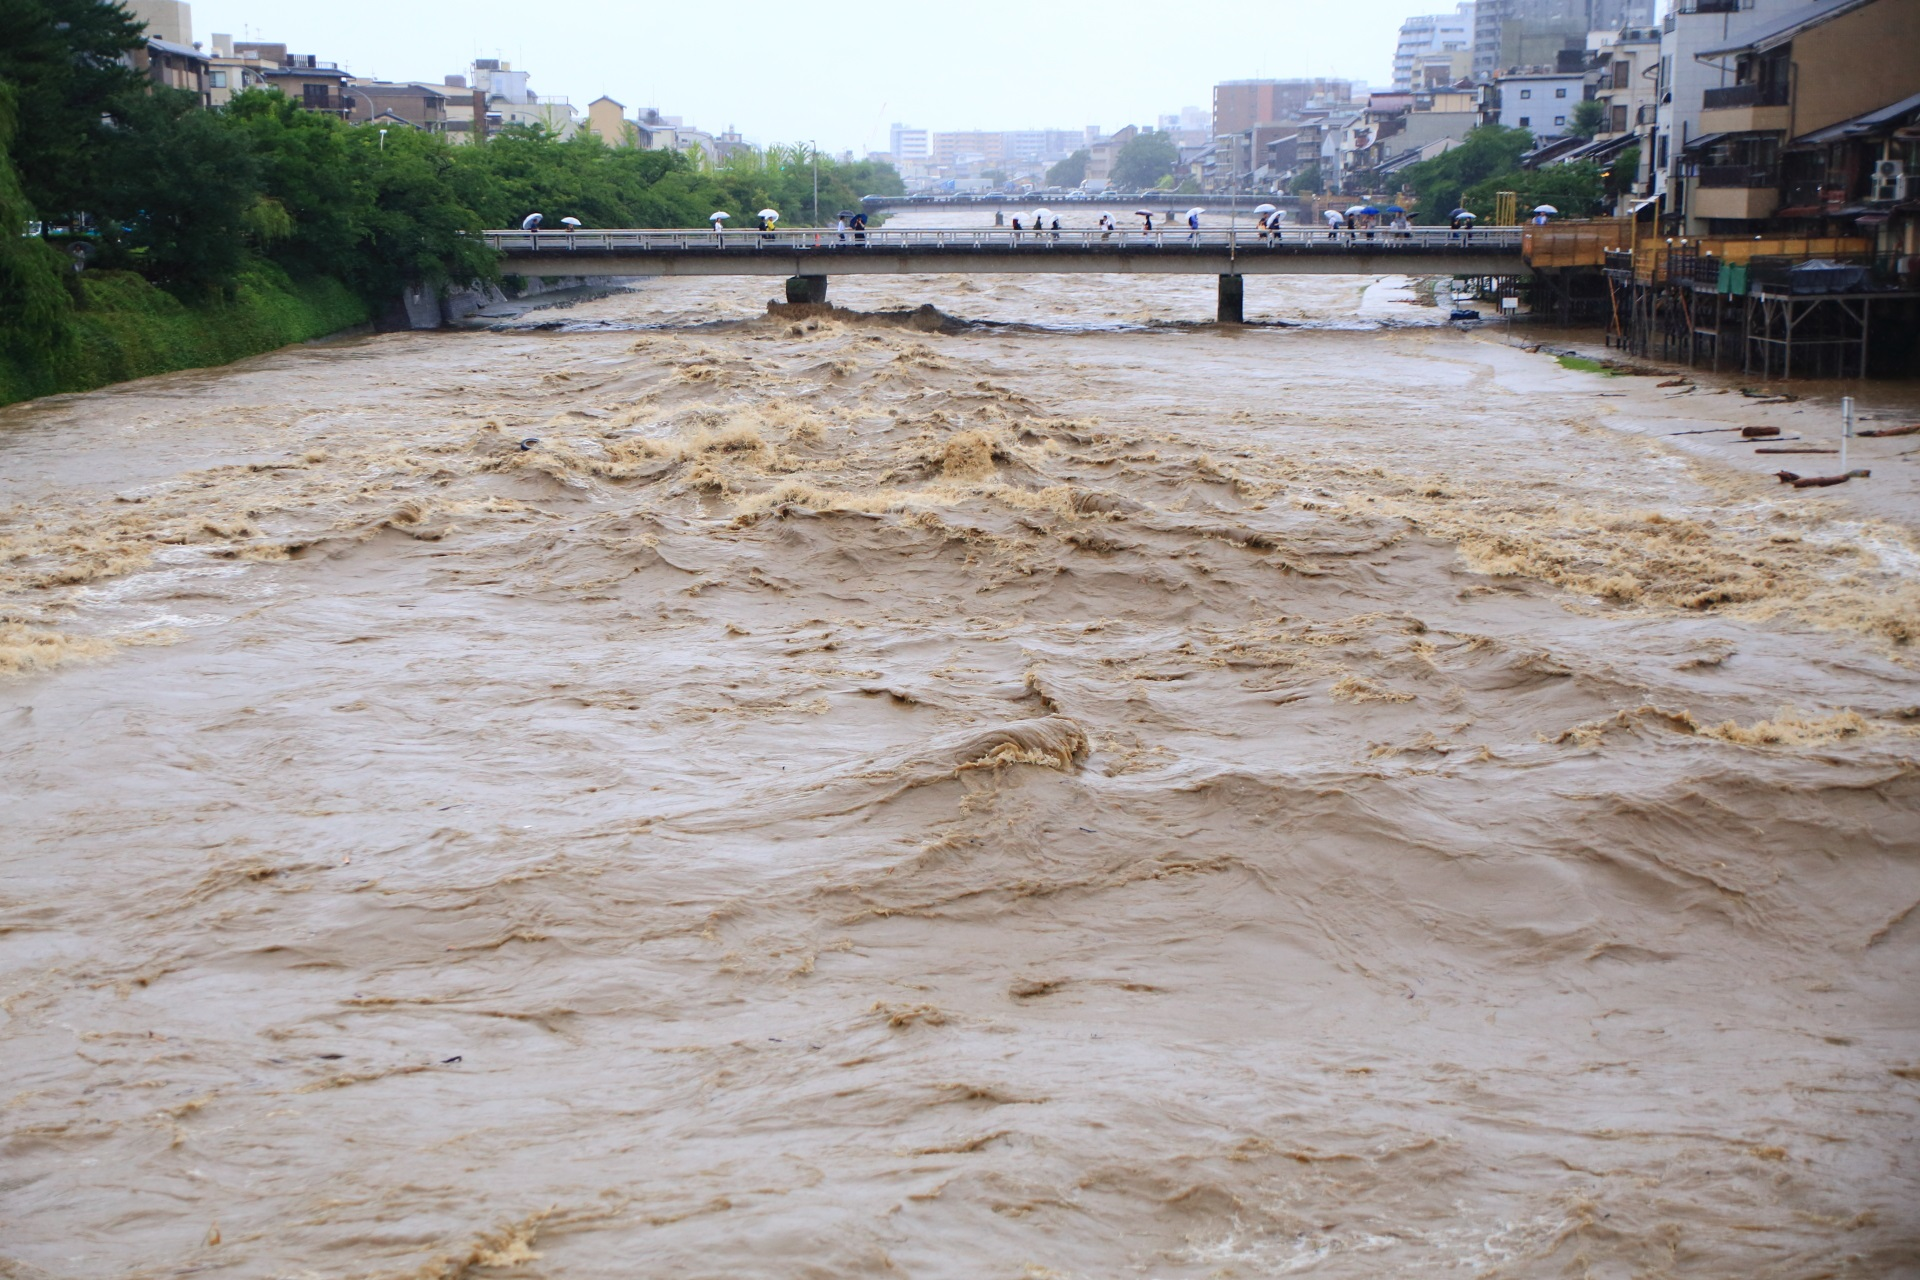 台風と前線の影響で豪雨が続き危険な状態の2018年の鴨川